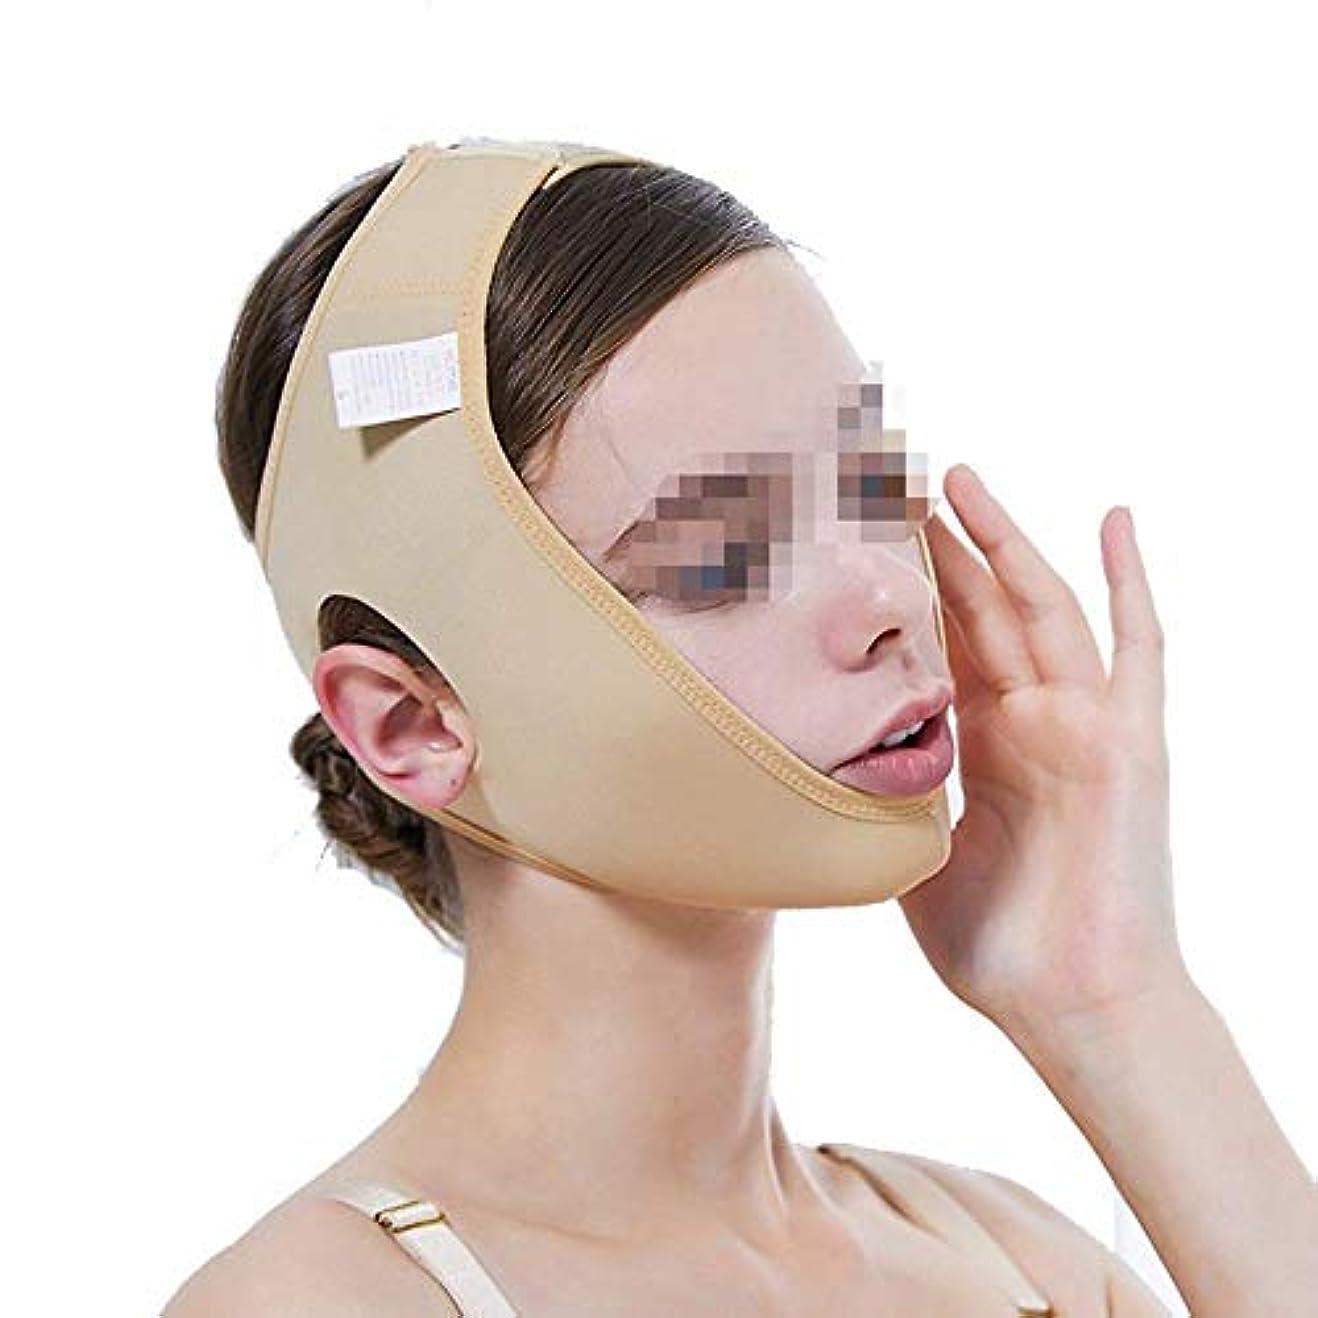 サワーけがをする抜け目のない術後ヘッドギア、薄型ダブルチンVフェイスビームフェイスジョーセットフェイスマスクマルチサイズオプション(サイズ:L)